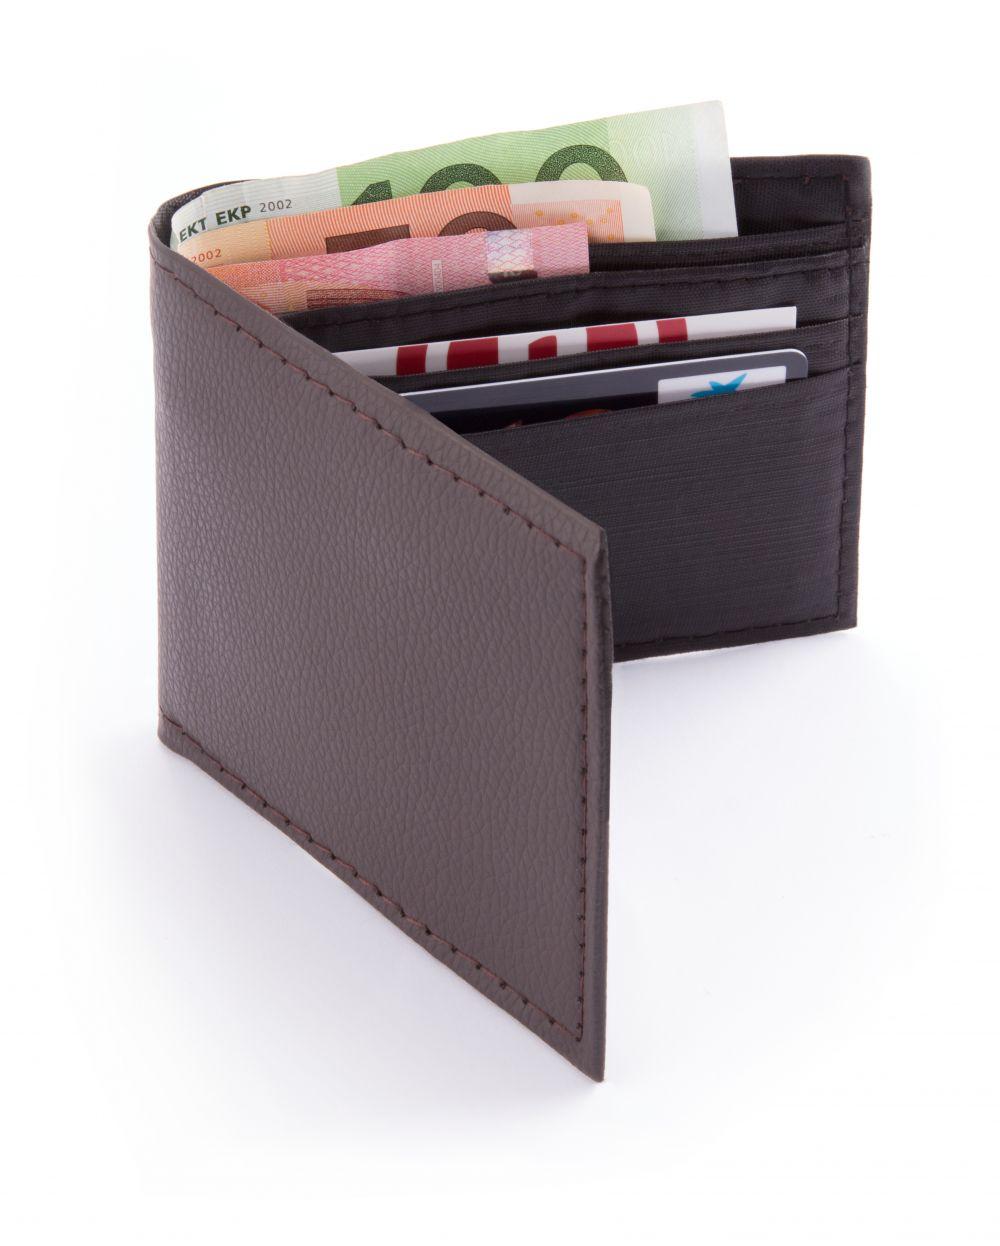 Carteras y monederos cartera mudson de polipiel para personalizar vista 1